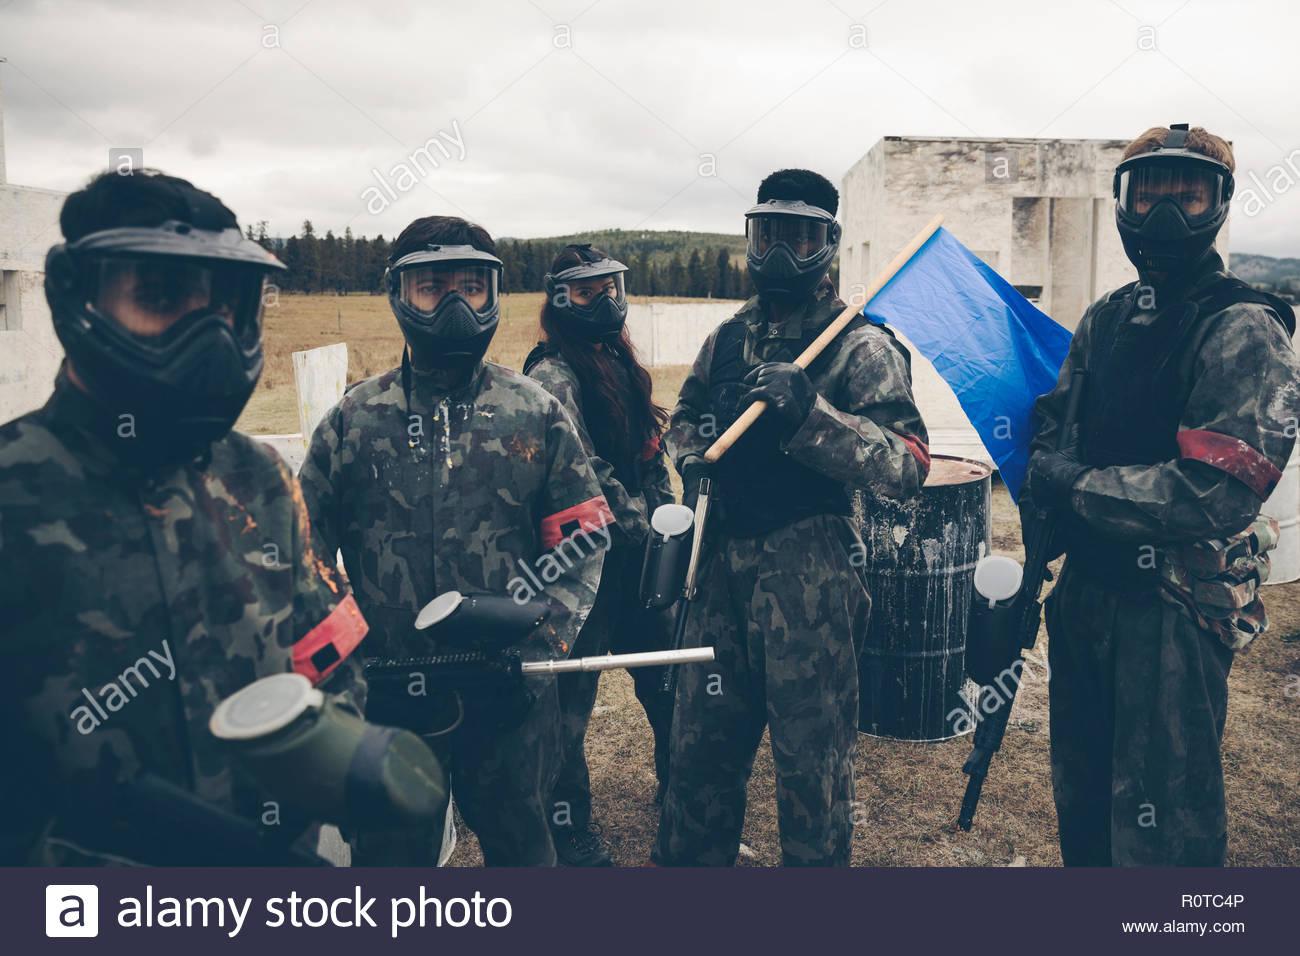 Ritratto team paintballing con bandiera blu Immagini Stock